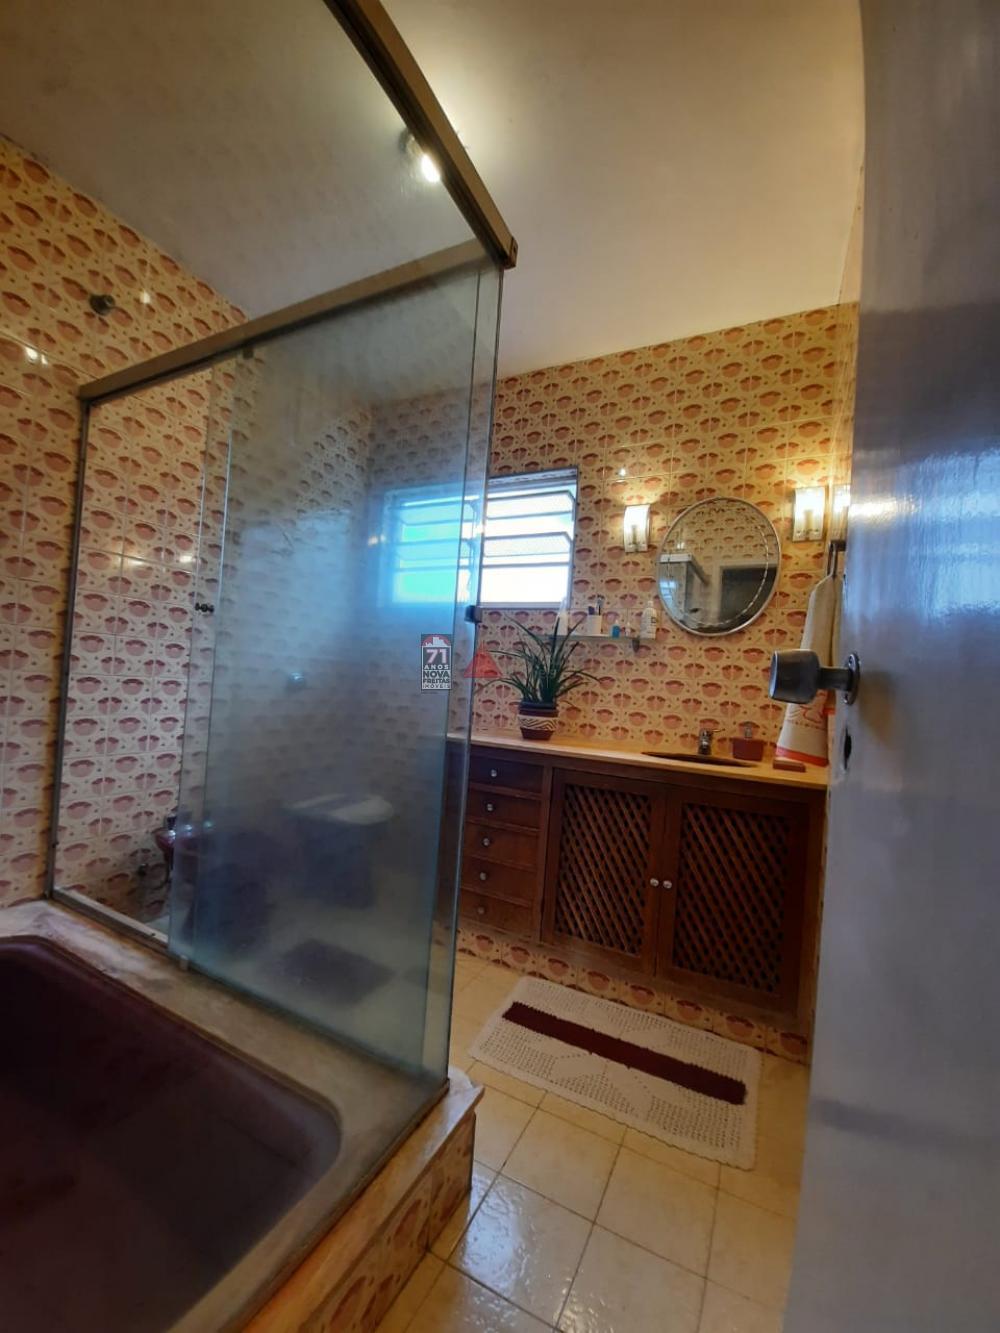 Comprar Casa / Condomínio em São José dos Campos apenas R$ 1.800.000,00 - Foto 17